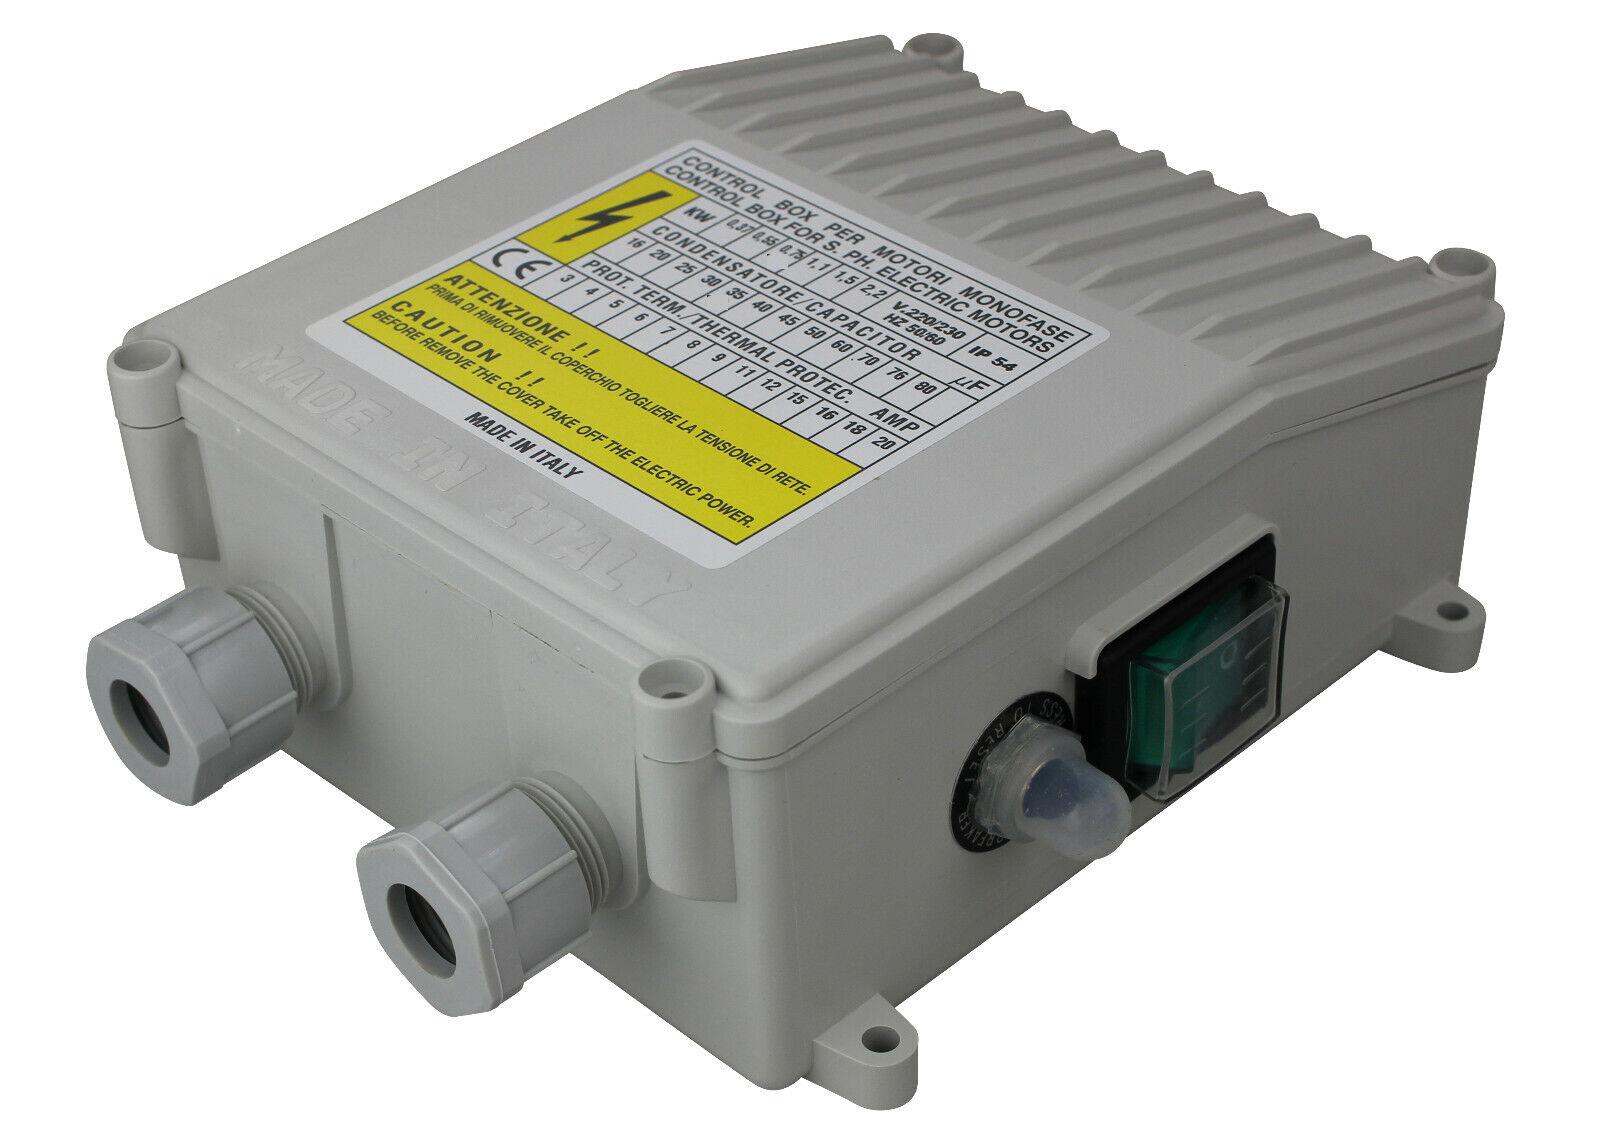 ControlBox 35μf, 7a, 0,75kw, 230v con projoección de motor, condensador y un-de